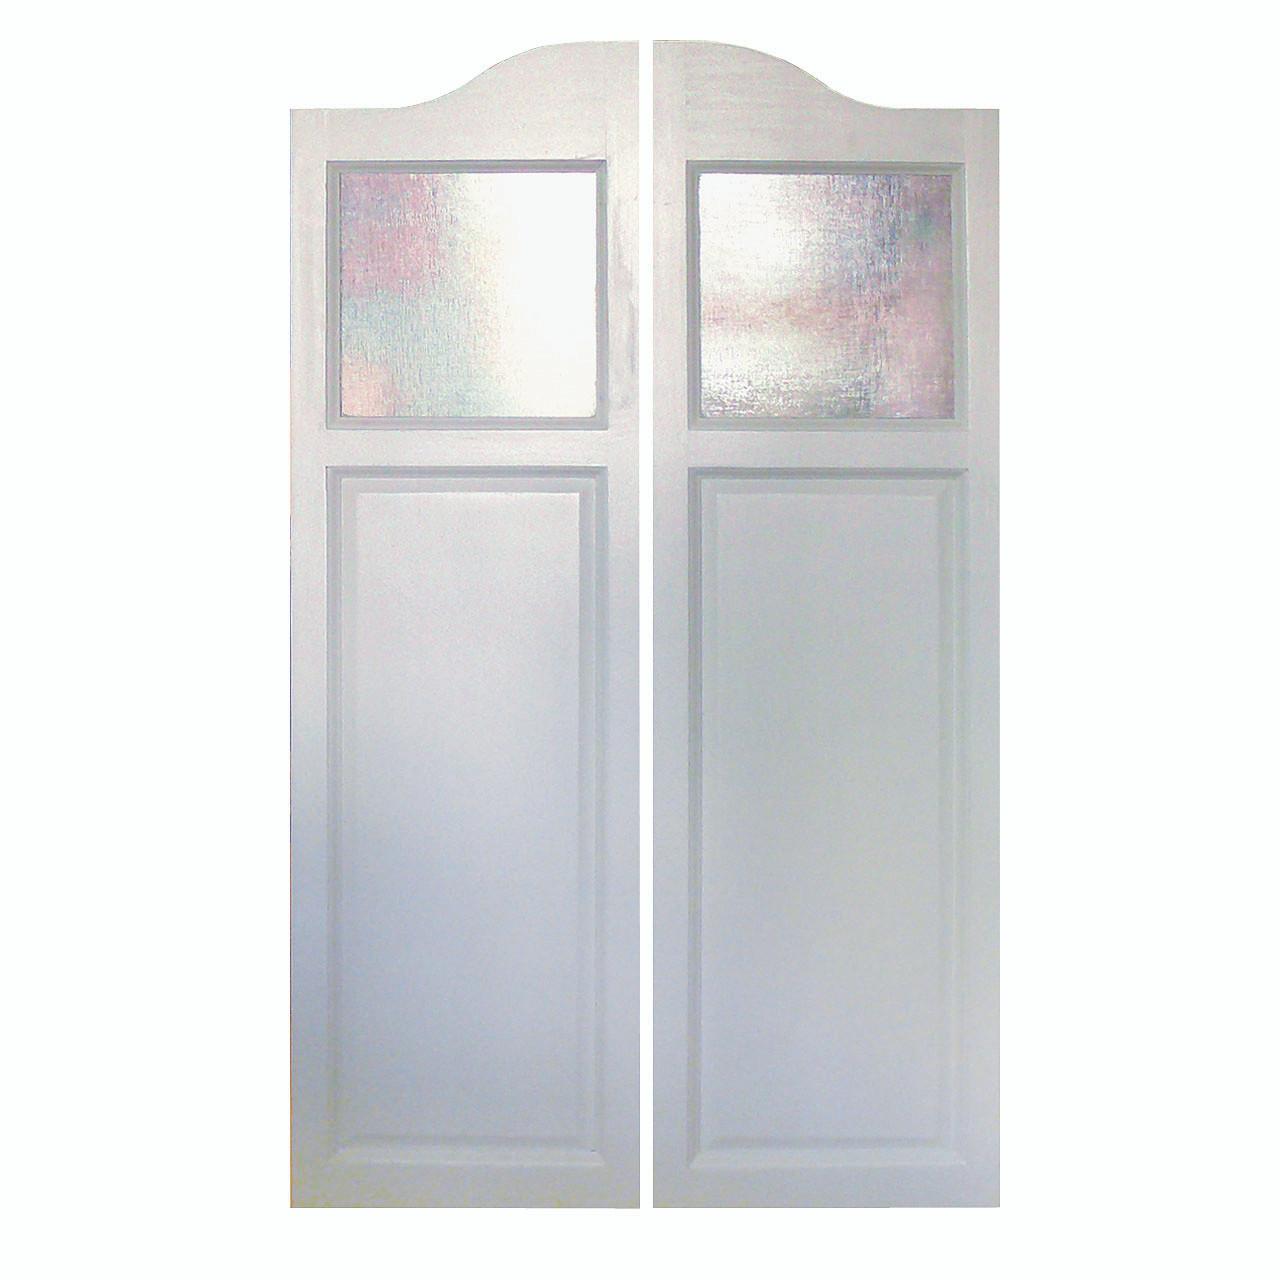 Poplar western cafe doors saloon doors arched top with glass inserts 24 36 door openings - Cafe swinging doors kitchen ...